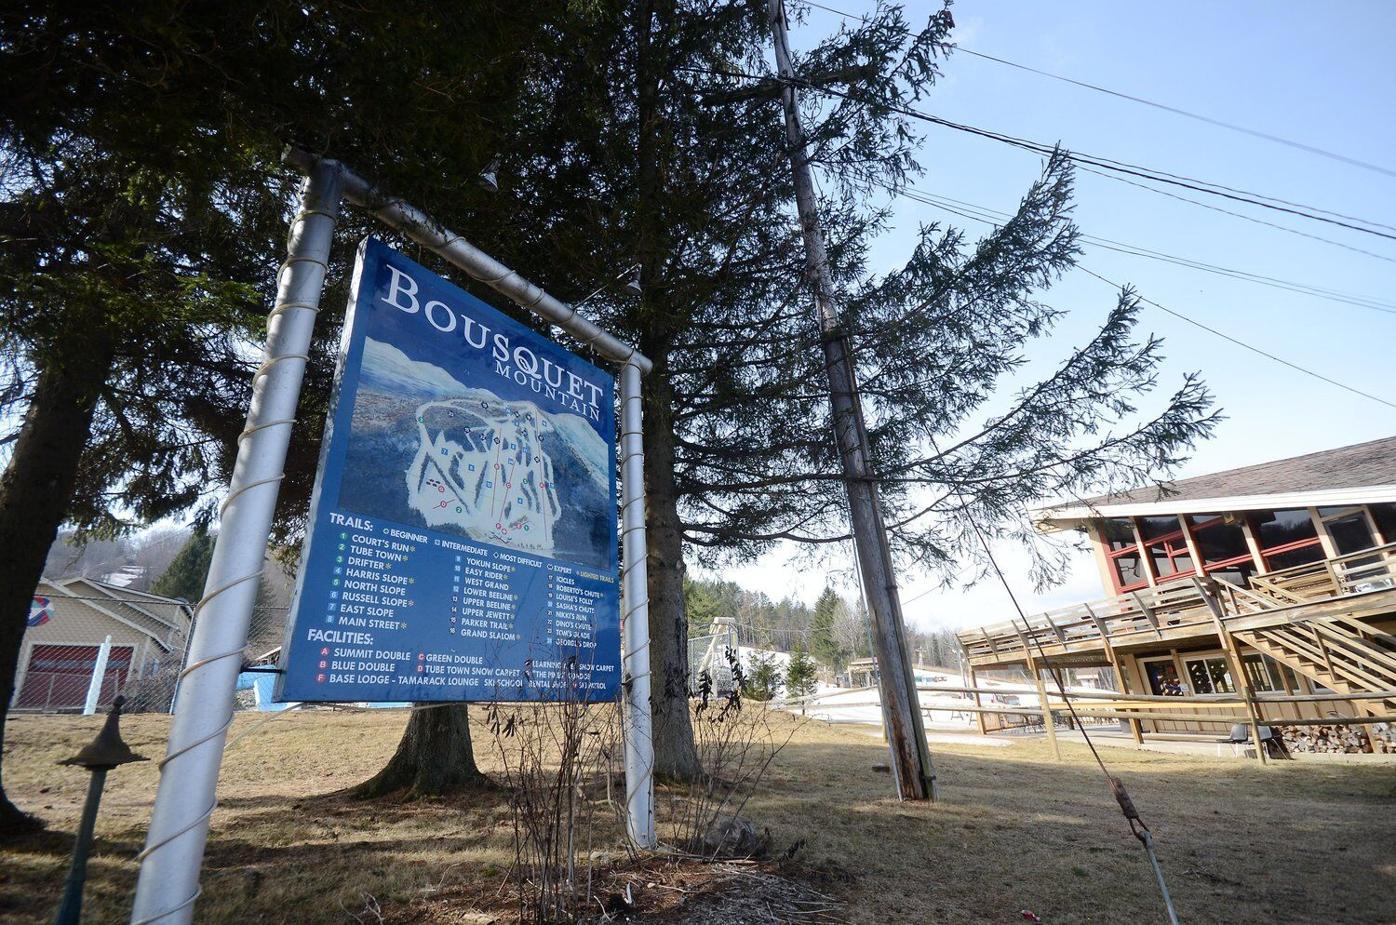 Our Opinion: Revitalization brightens Bousquet's future (copy)